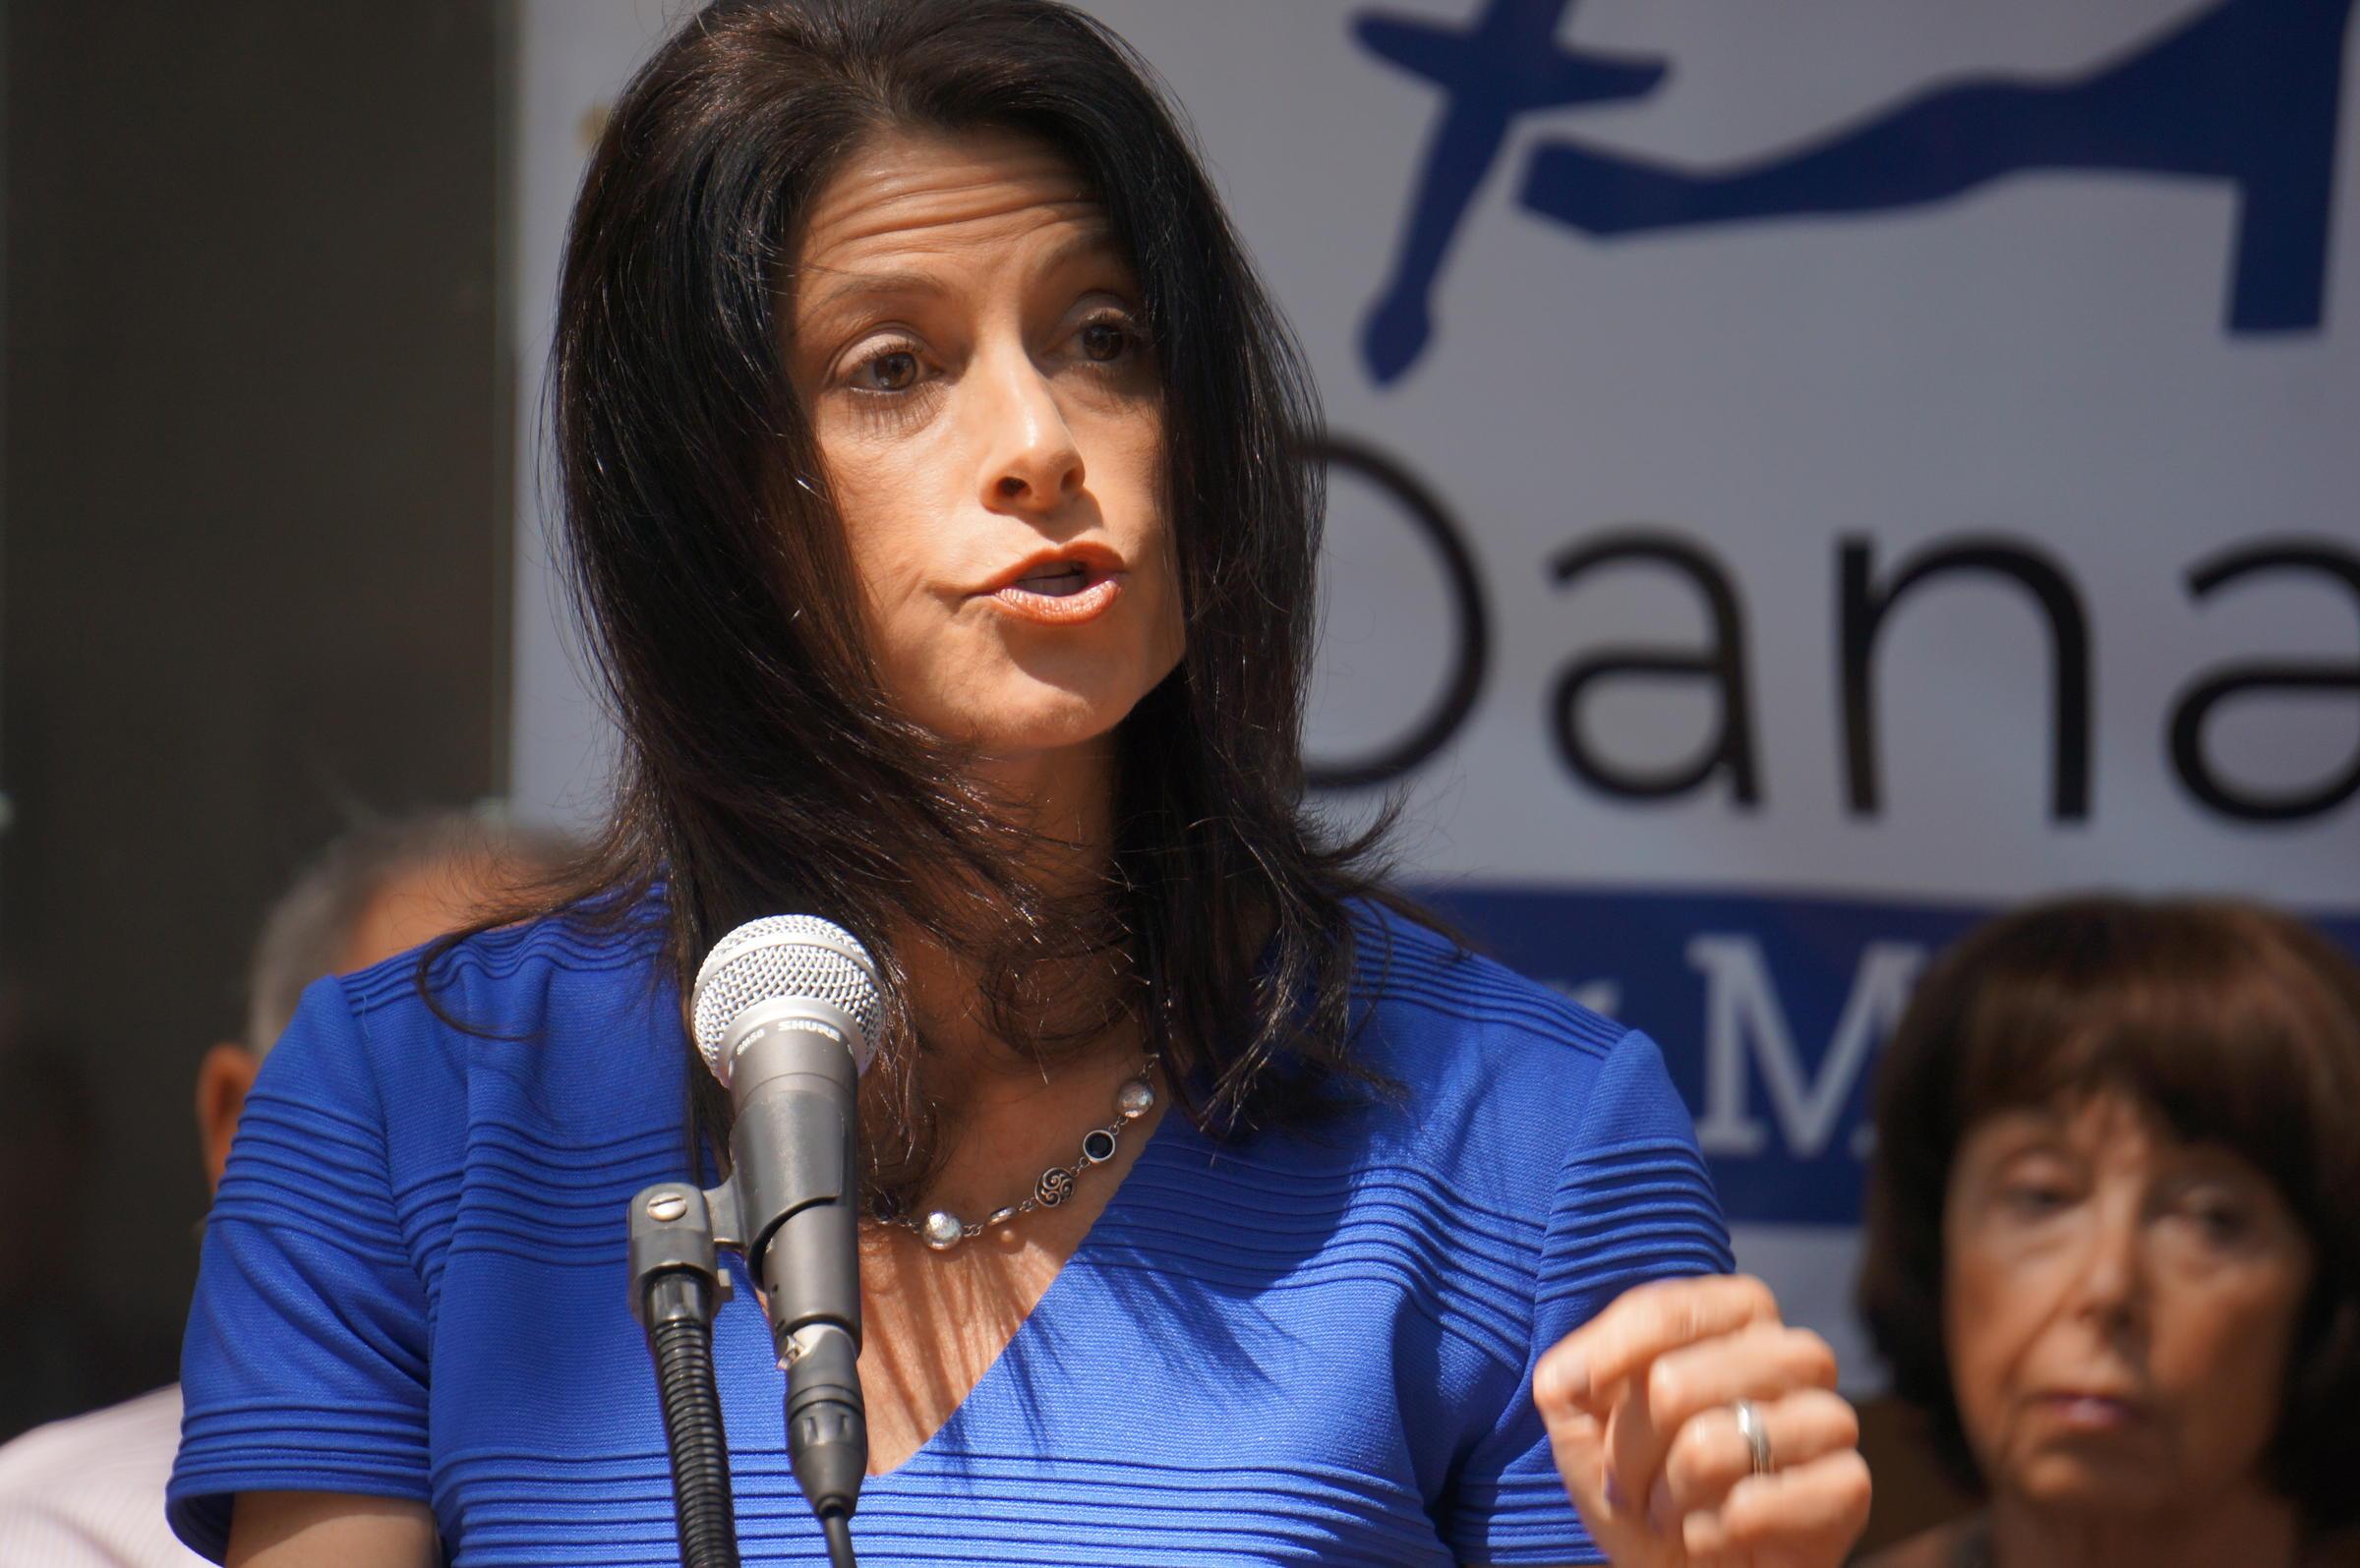 Dana Nessel wearing blue speaks into a microphone